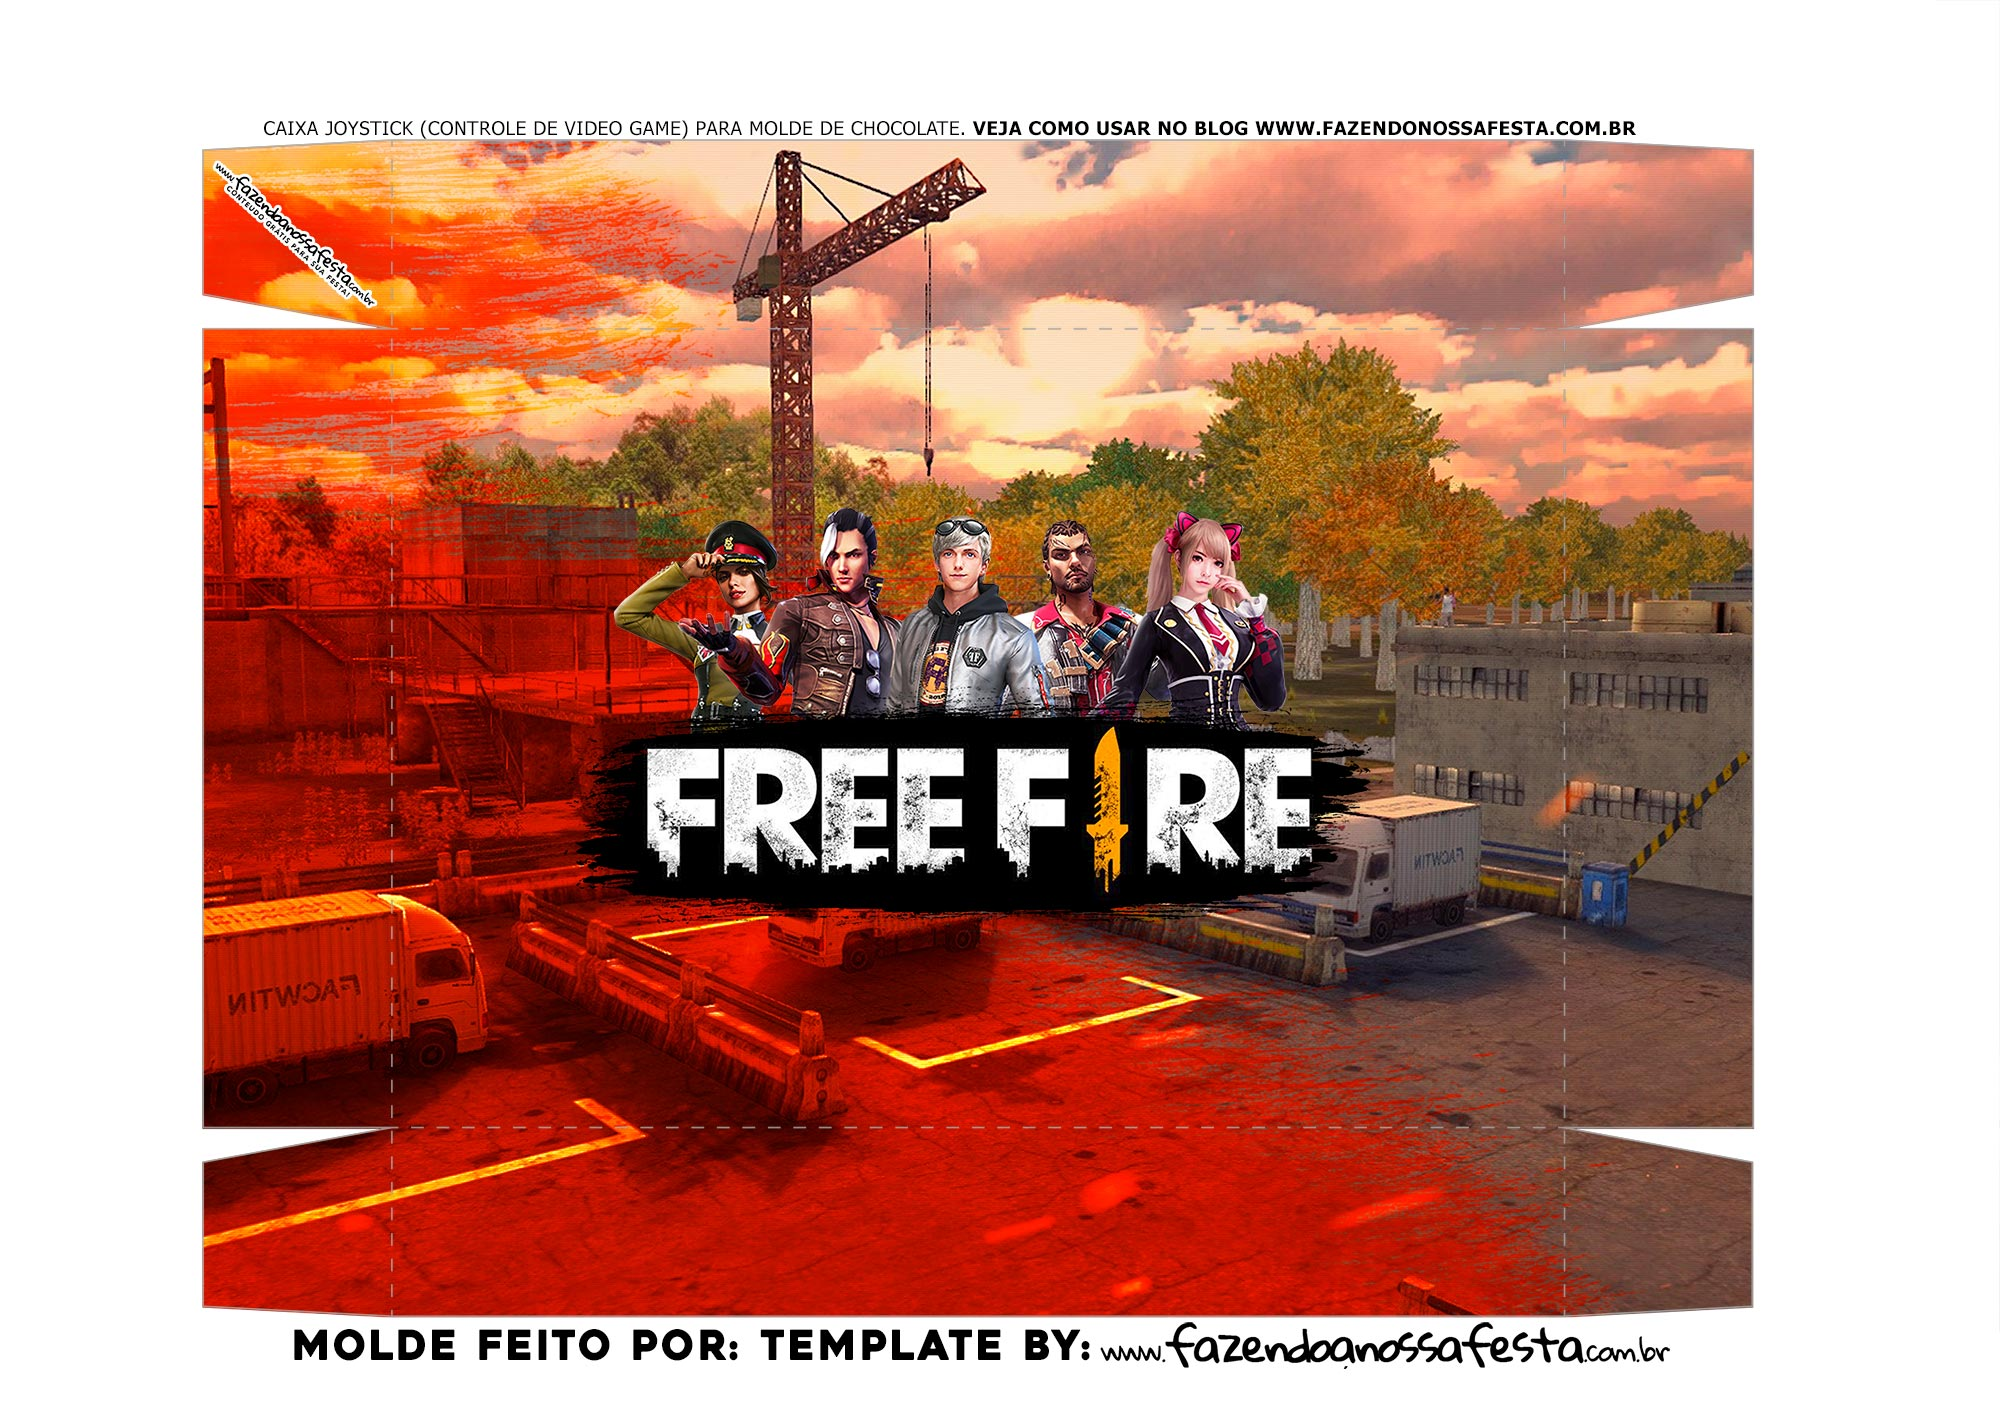 Fundo Caixa Joystick Free Fire